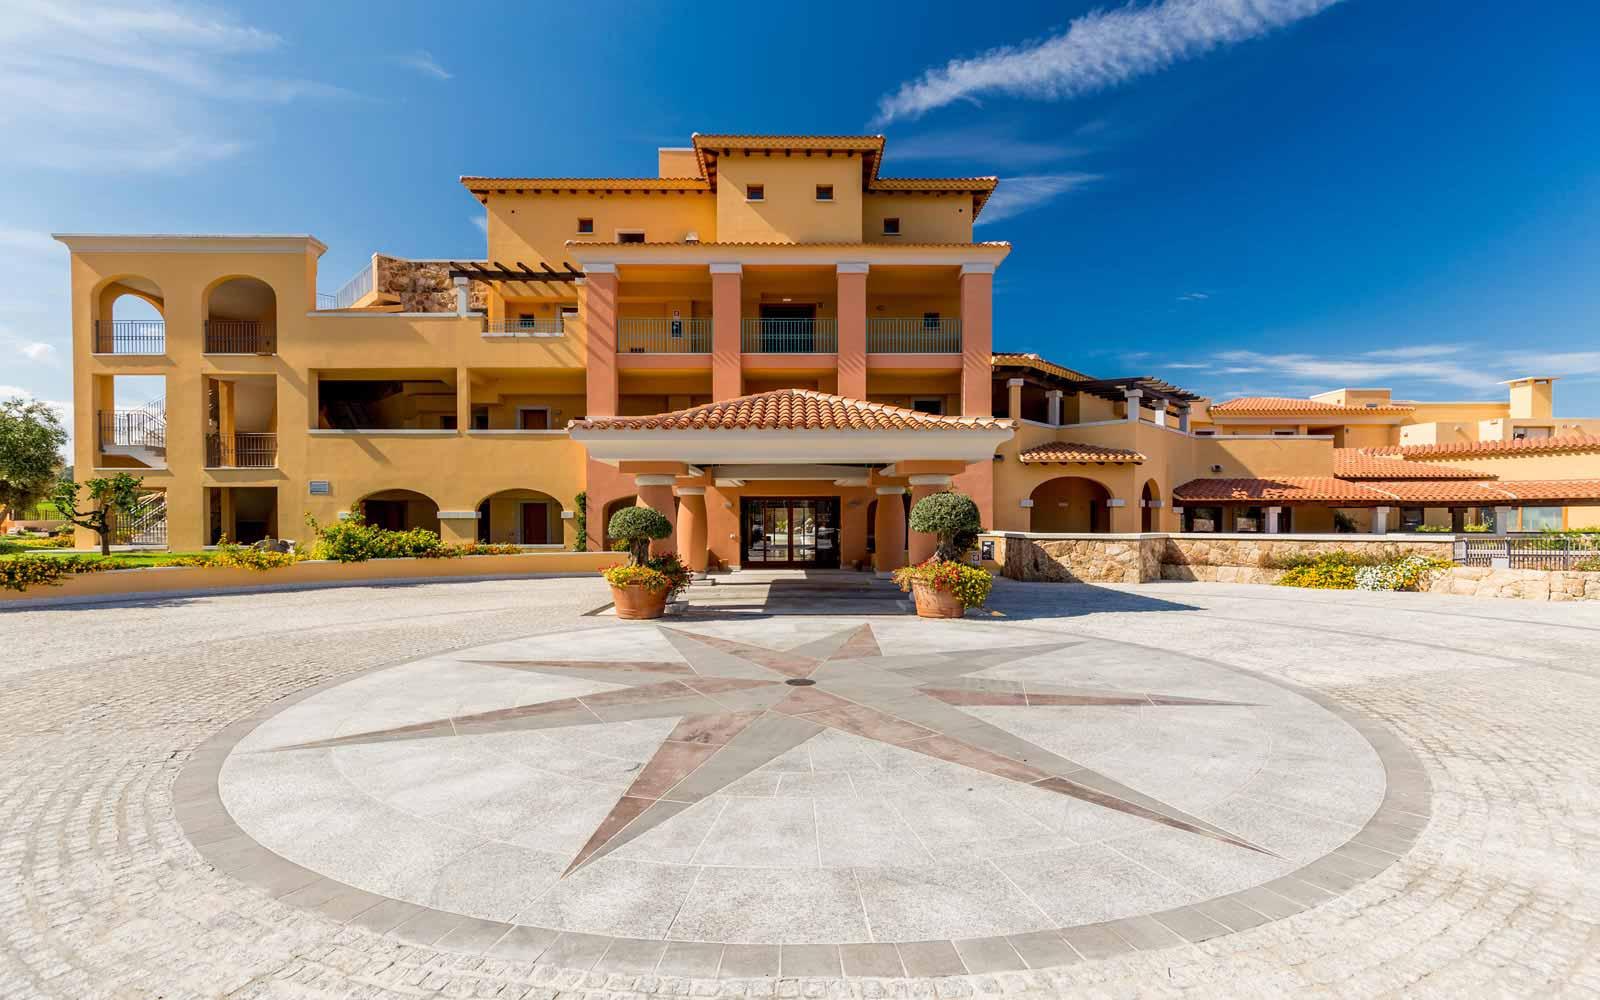 External view of Hotel Marana